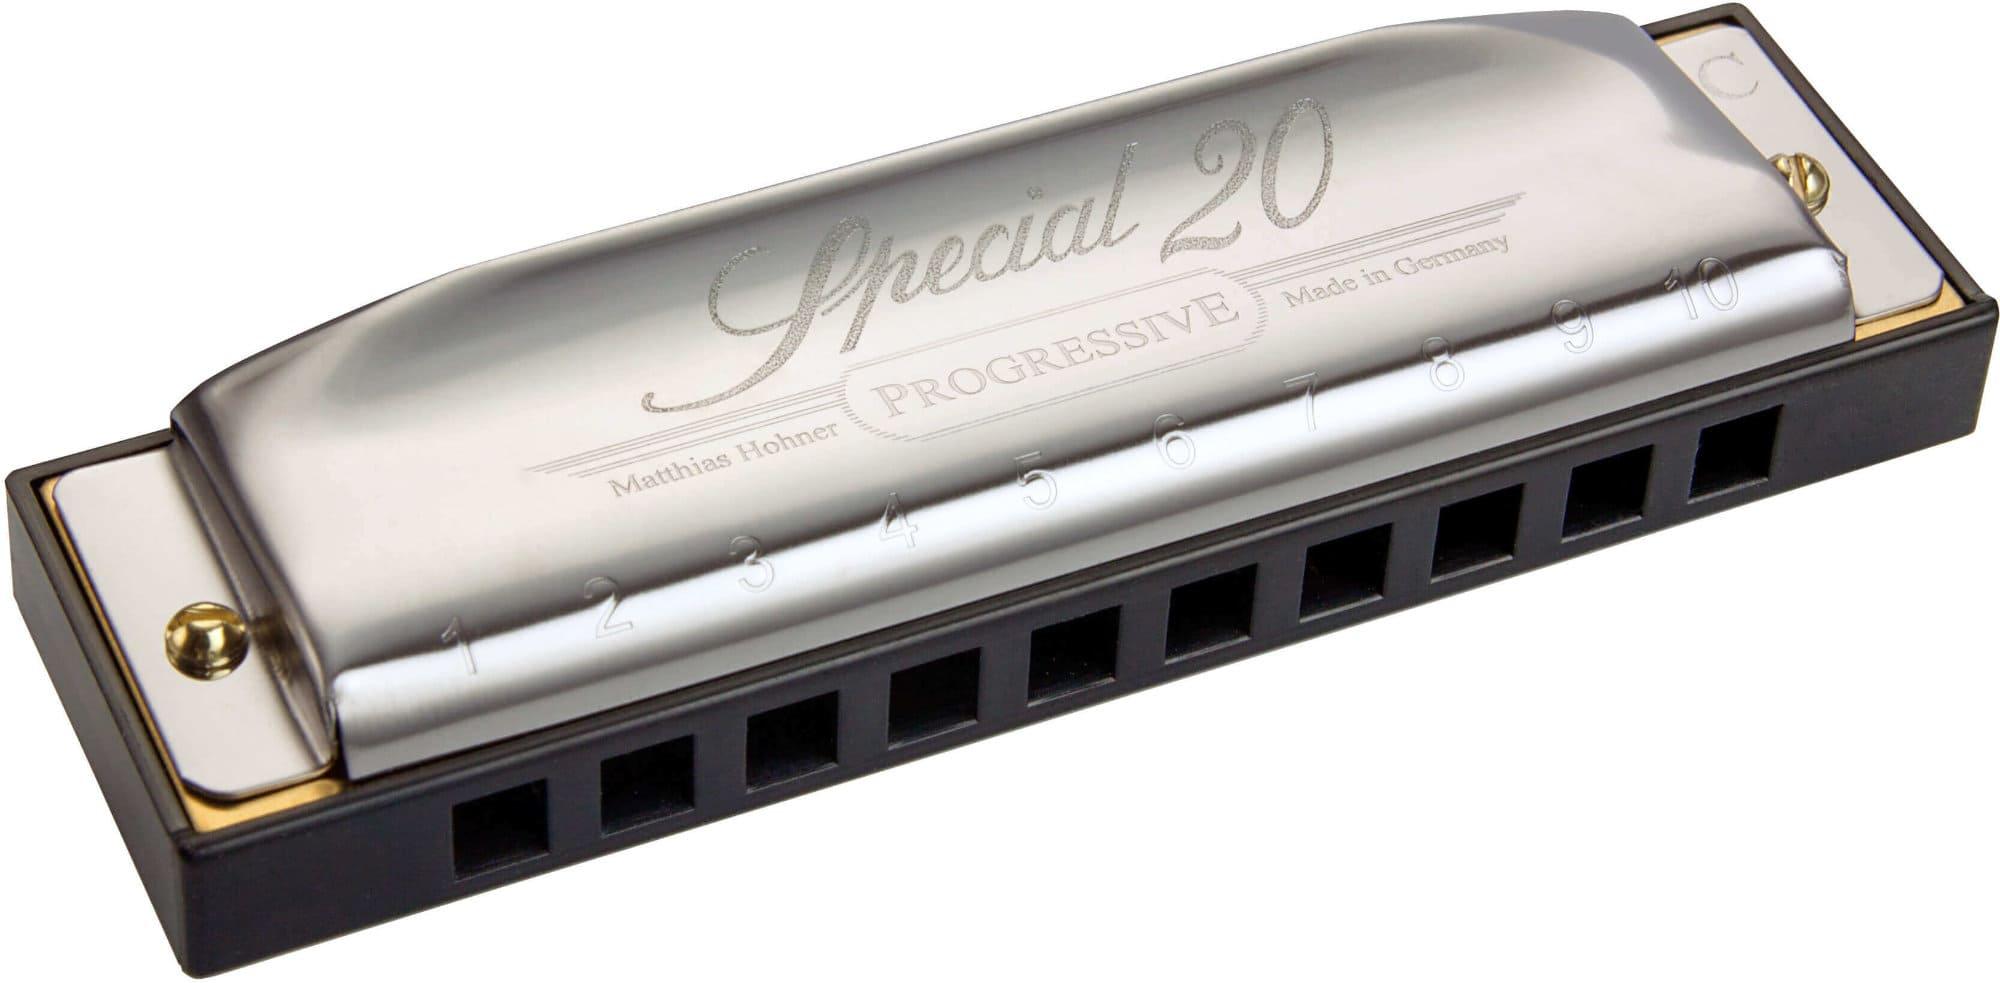 Hohner Progressive Special 20 Mundharmonika C Dur